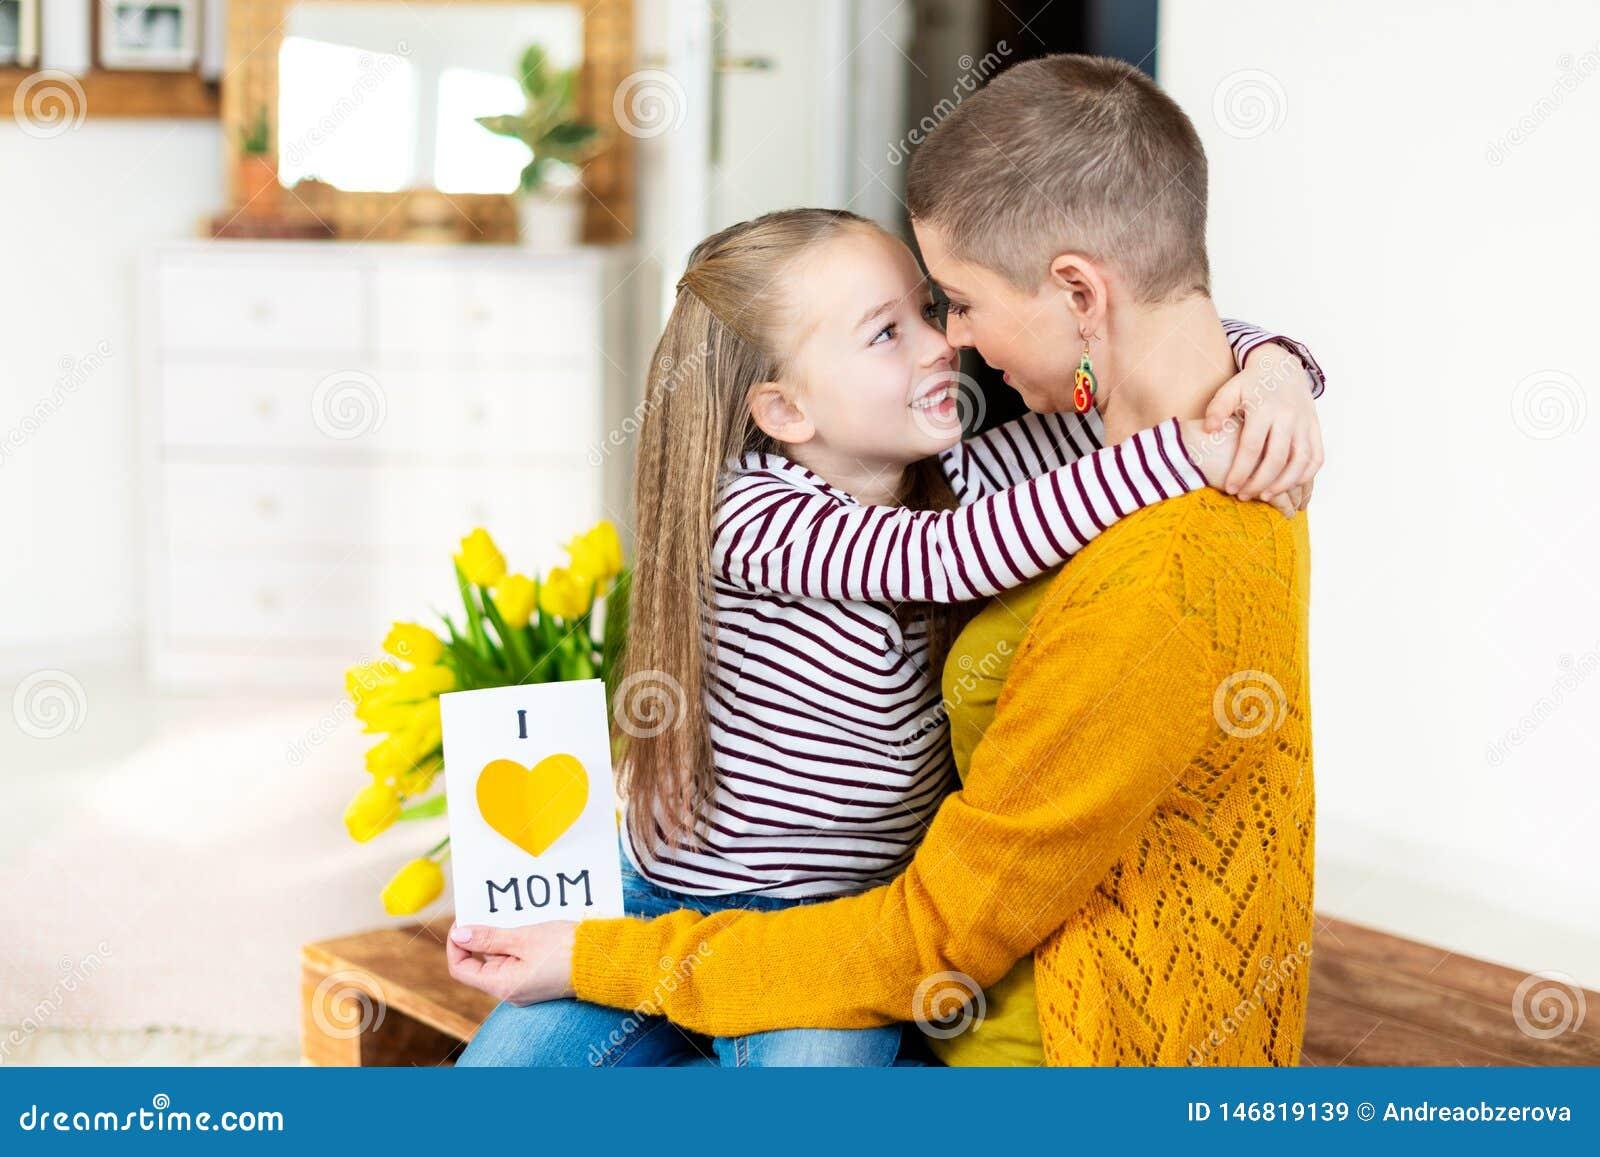 Λατρευτό νέο κορίτσι που δίνει το mom της, νέος ασθενής με καρκίνο, σπιτική ευχετήρια κάρτα ΑΓΆΠΗΣ MOM Ι Ημέρα ή γενέθλια της ευτ